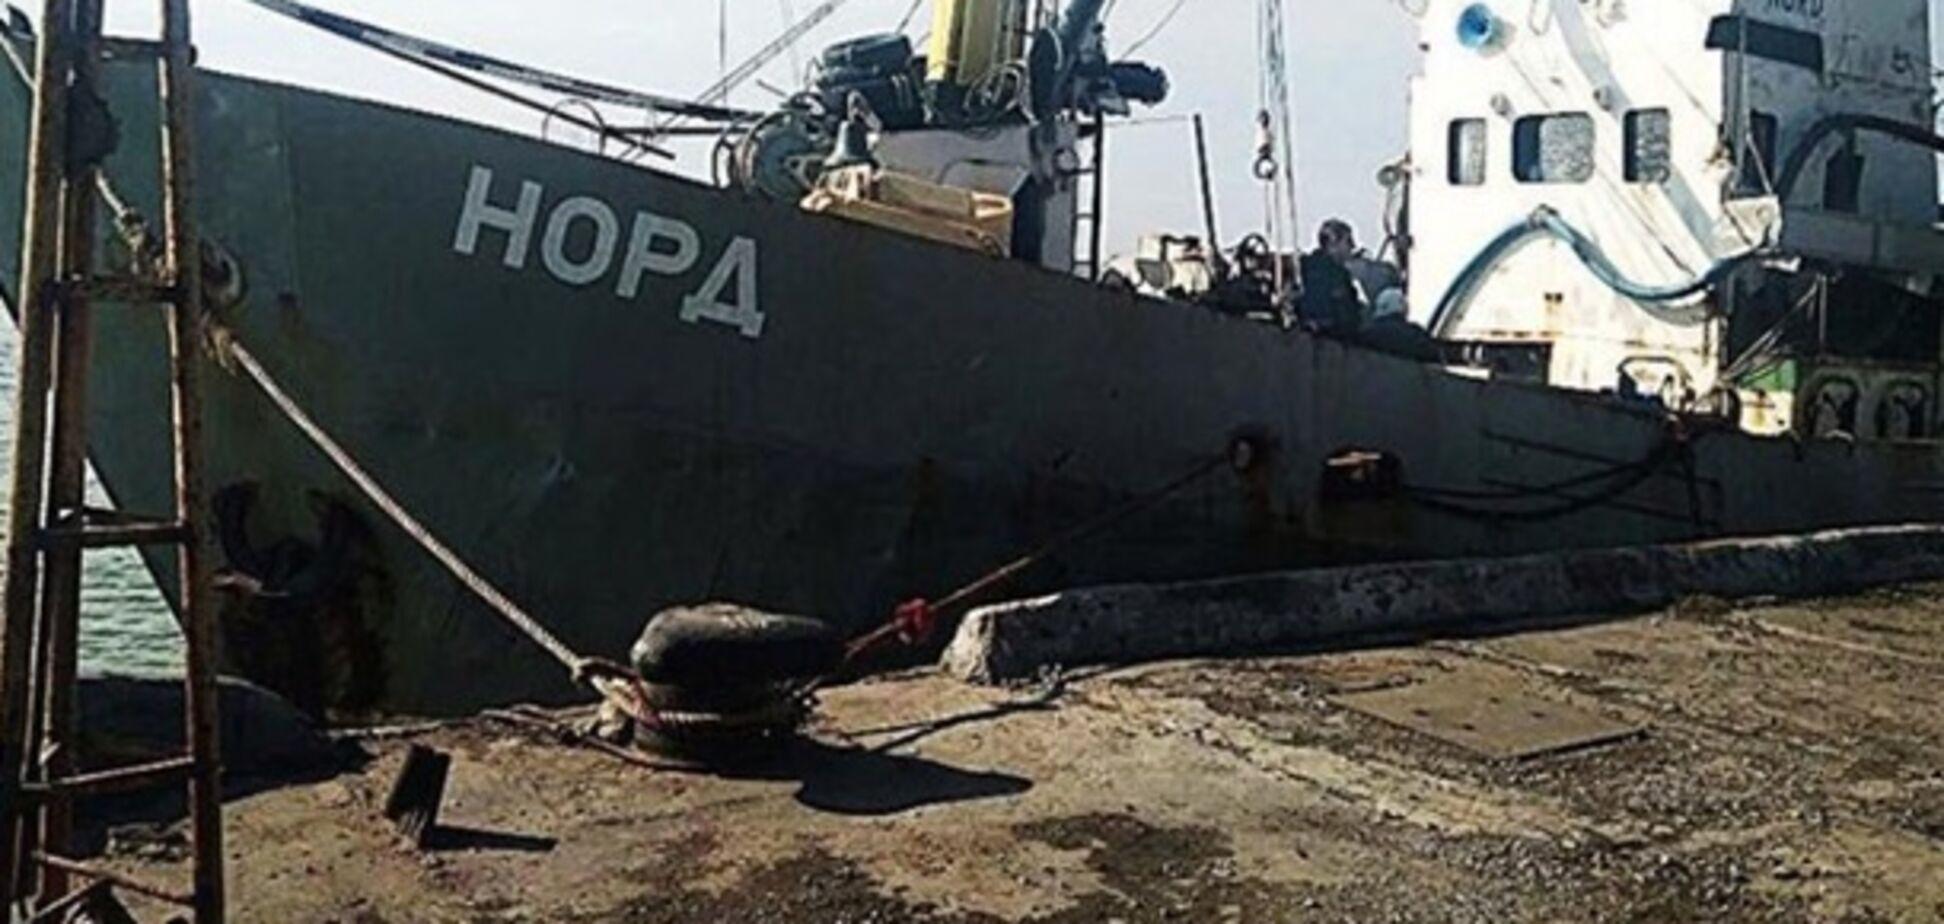 Дипломати РФ намагалися втекти з 'Нордом'